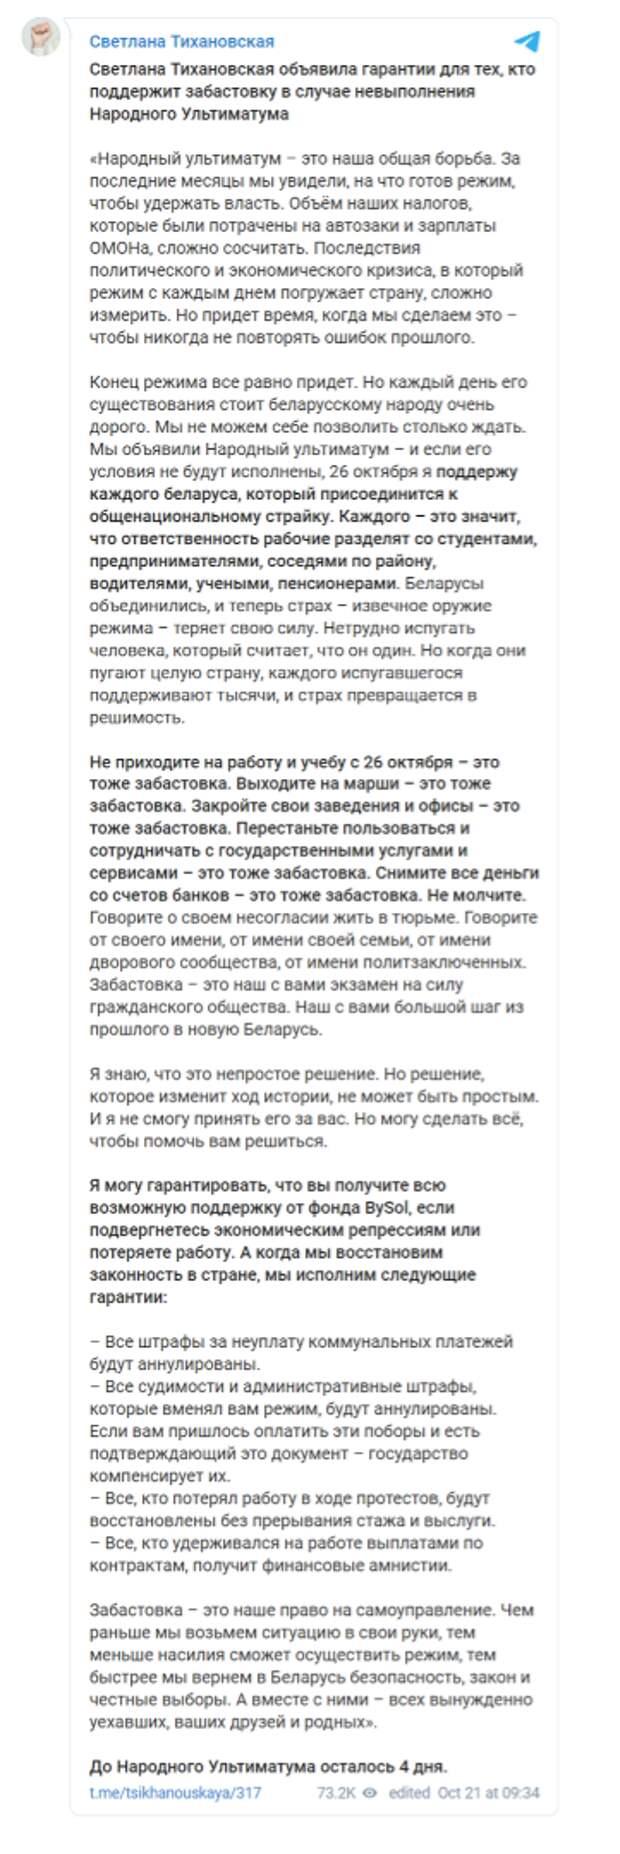 Тихановская «с гарантиями» призывает белорусов к общенациональной тотальной забастовке 26 октября